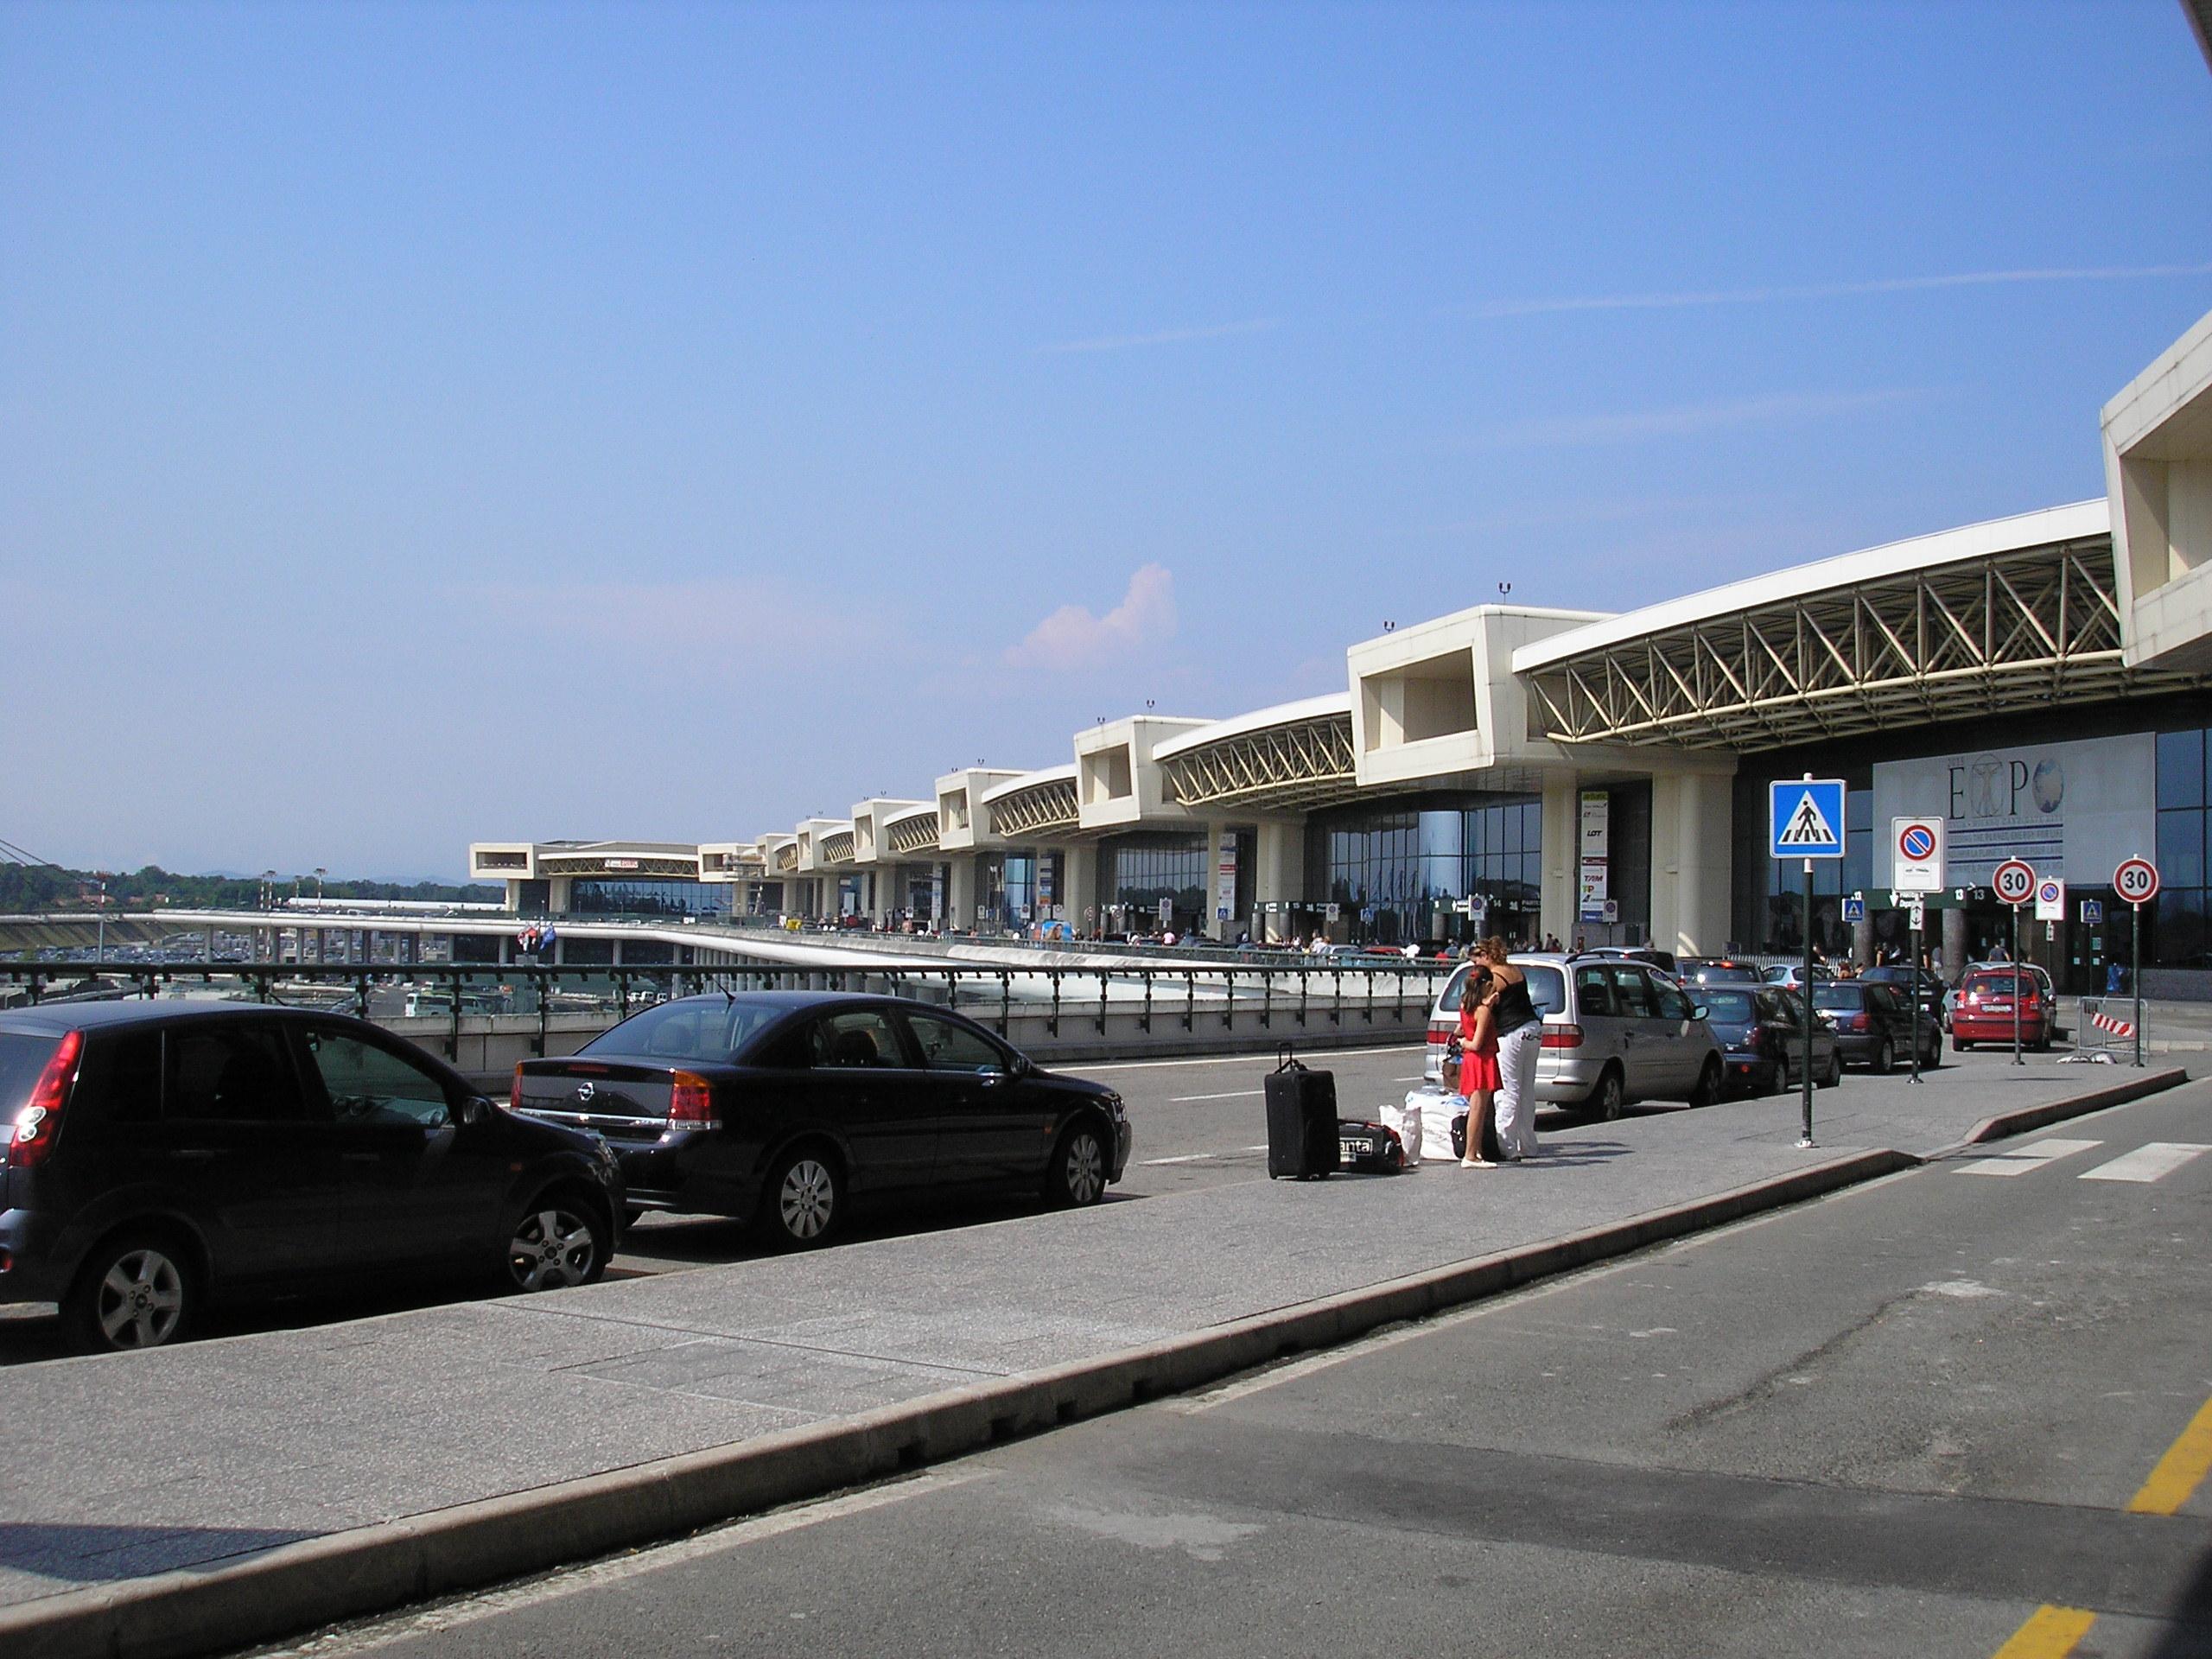 Aeroporto Alle Porte Di Milano : File milano malpensa terminal g